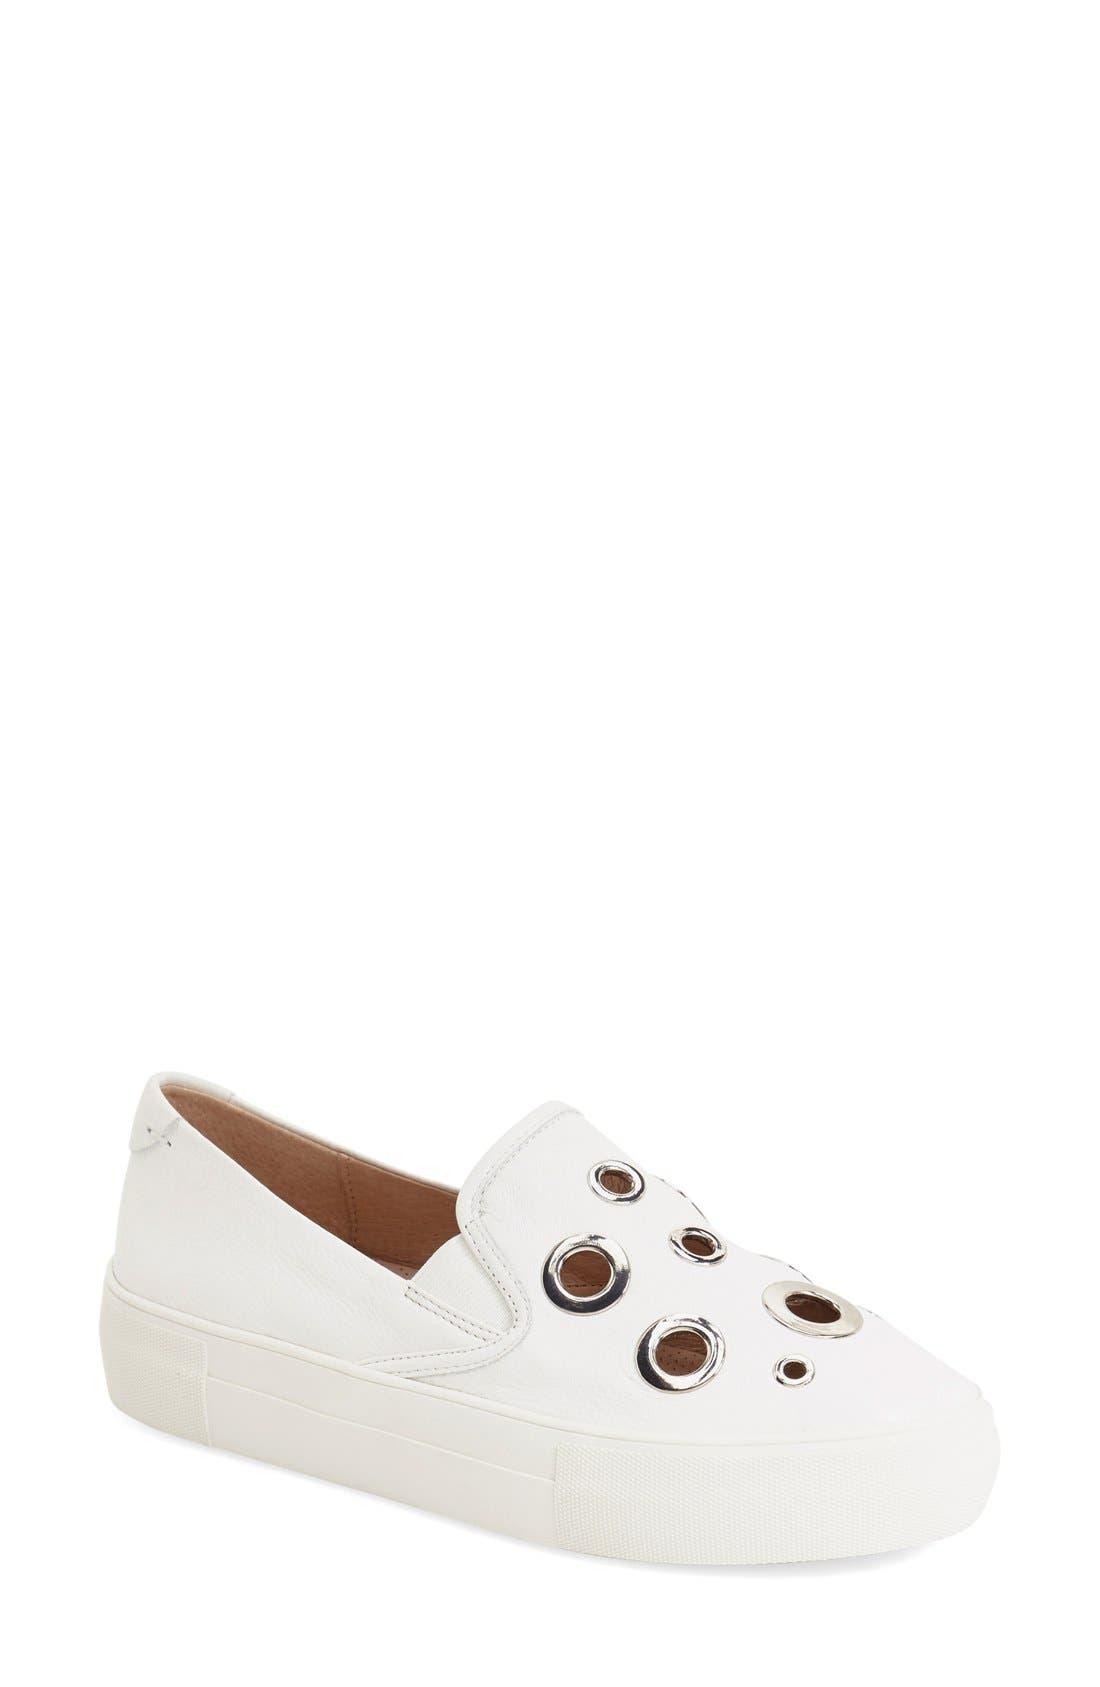 Alternate Image 1 Selected - JSlides 'A-List' Slip-On Platform Sneaker (Women)